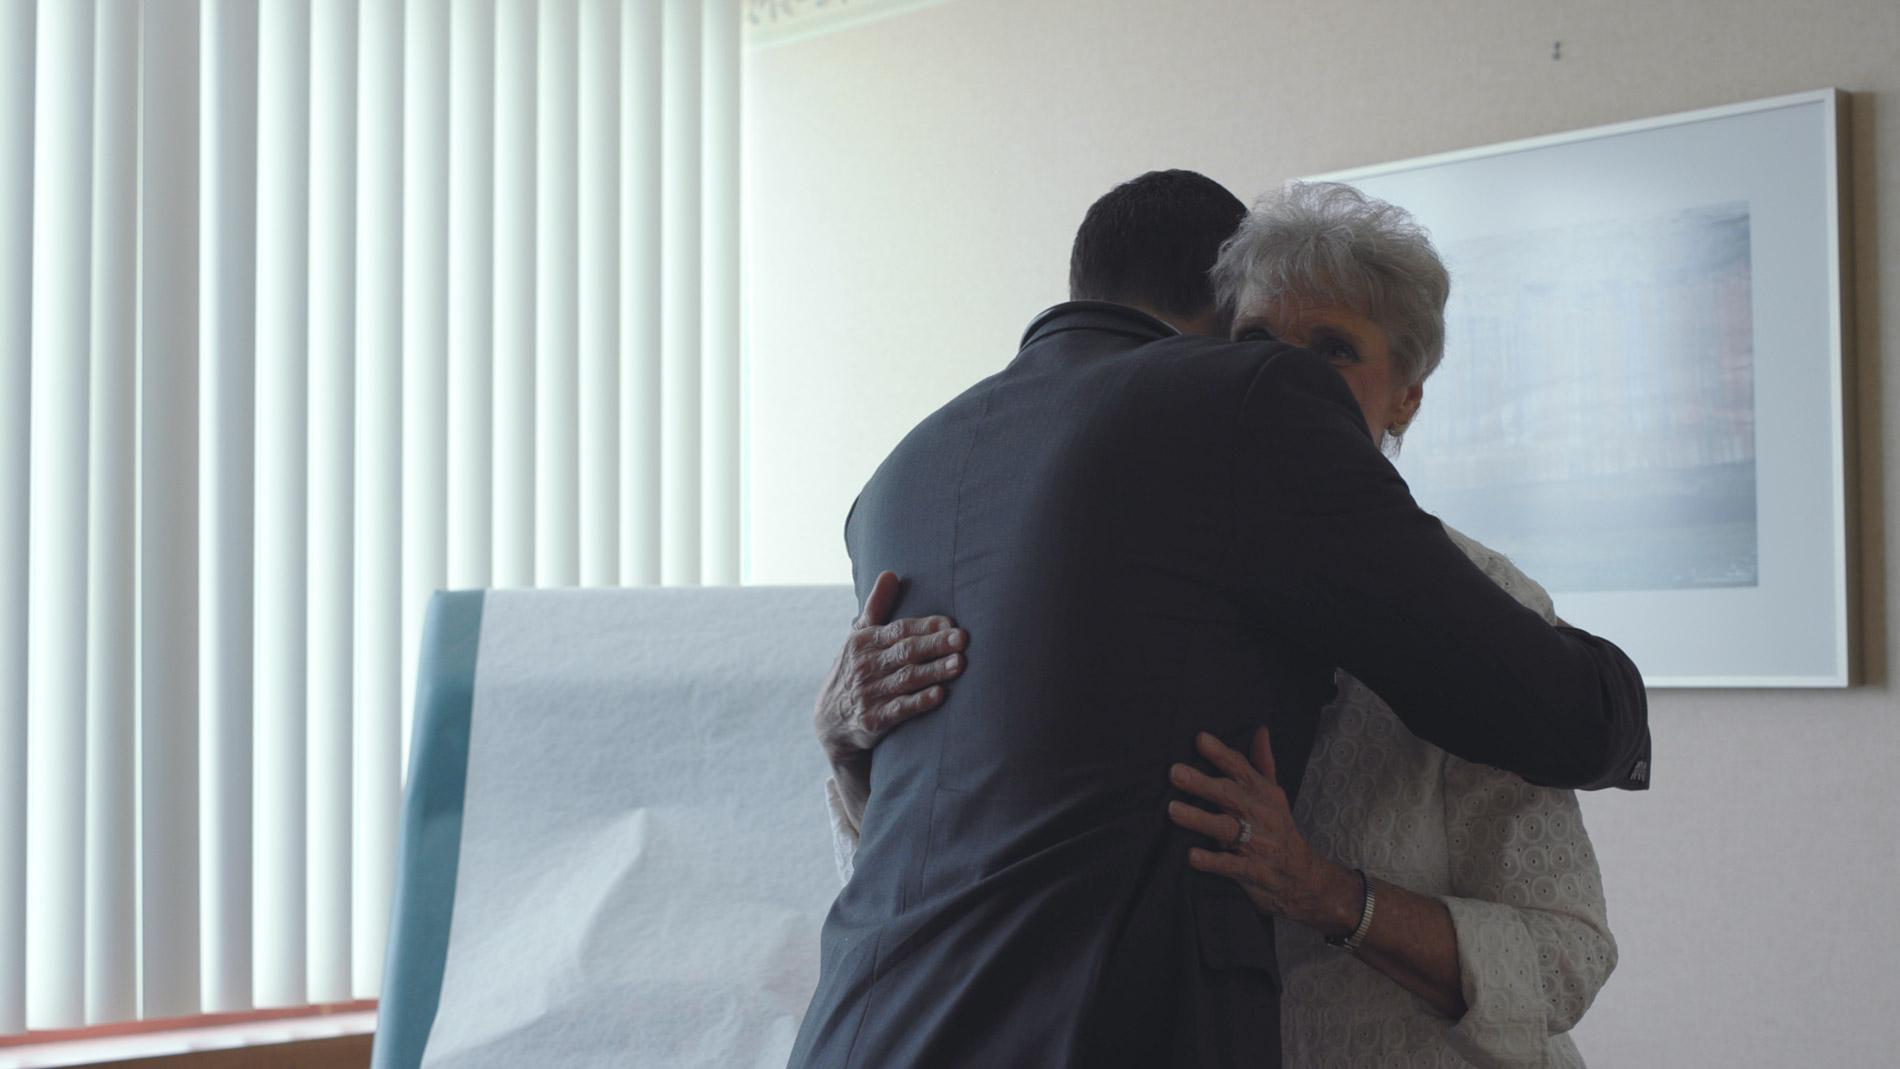 Moe Embracing Patient